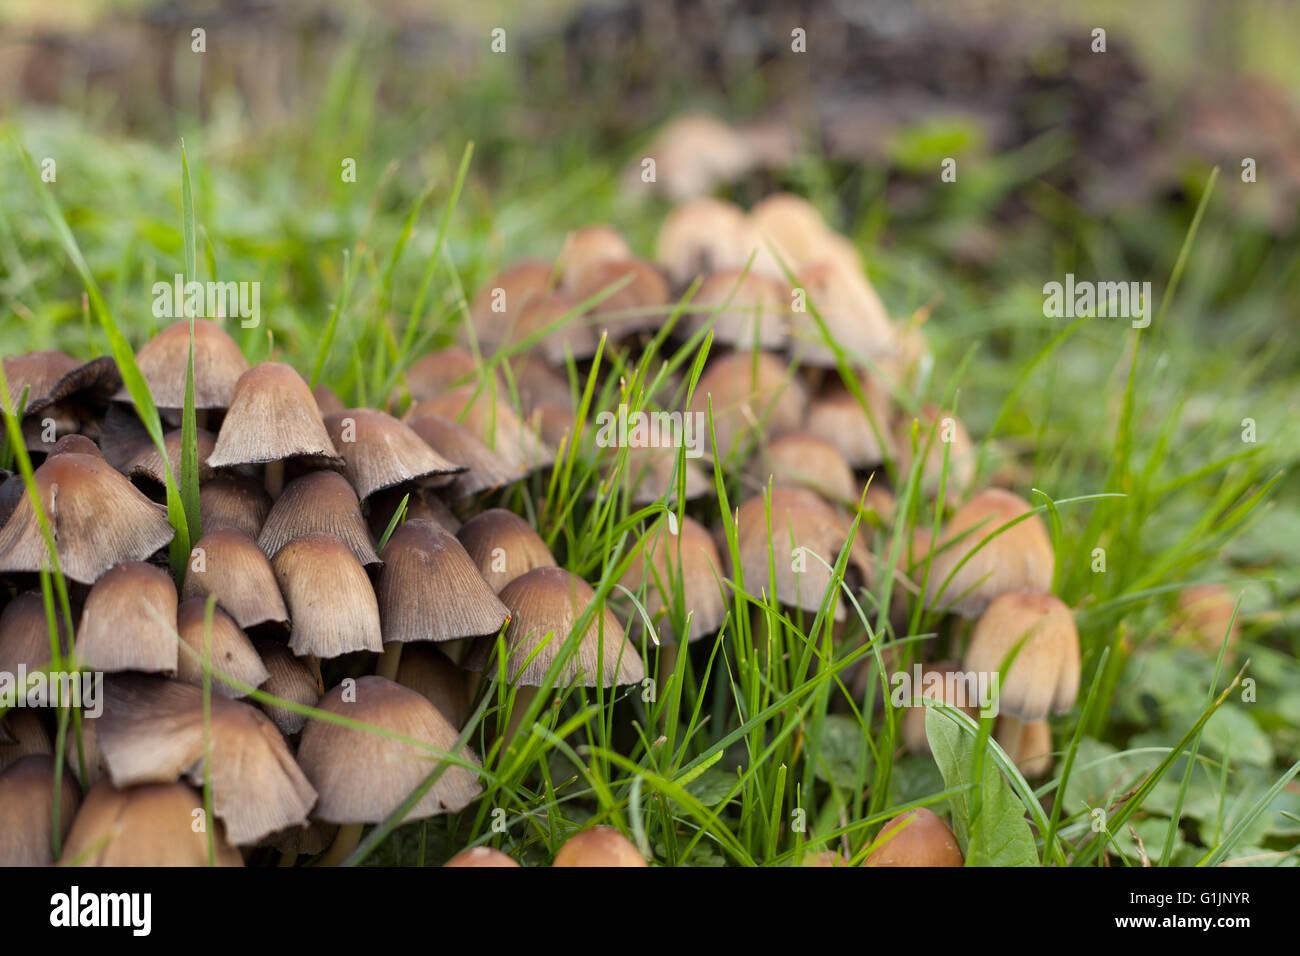 lawn grass mushroom stock photos u0026 lawn grass mushroom stock